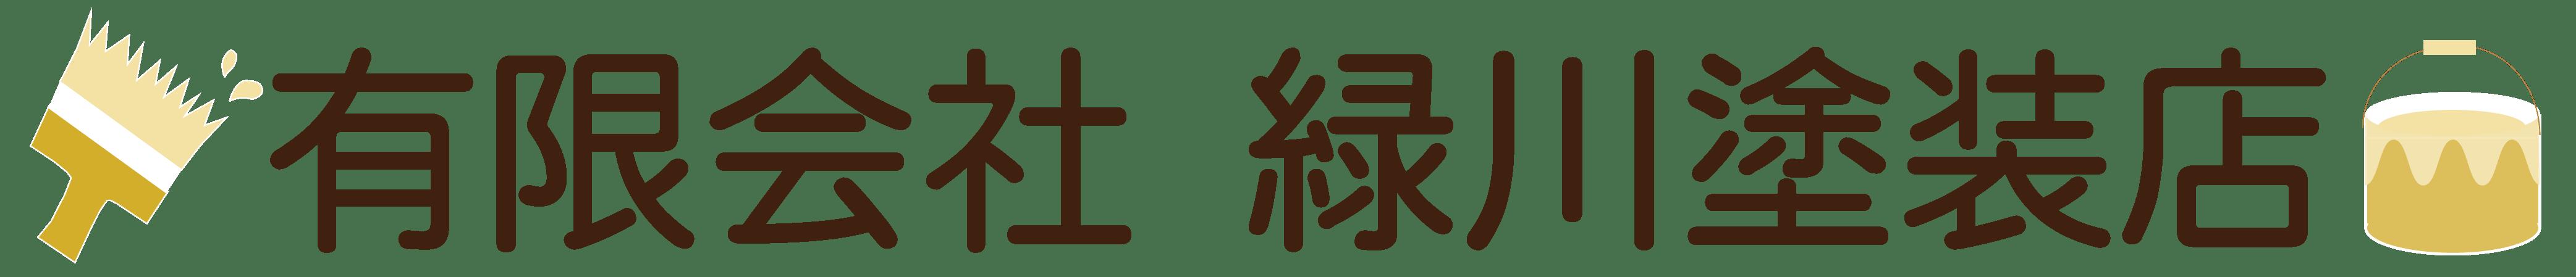 有限会社 緑川塗装店@日立市